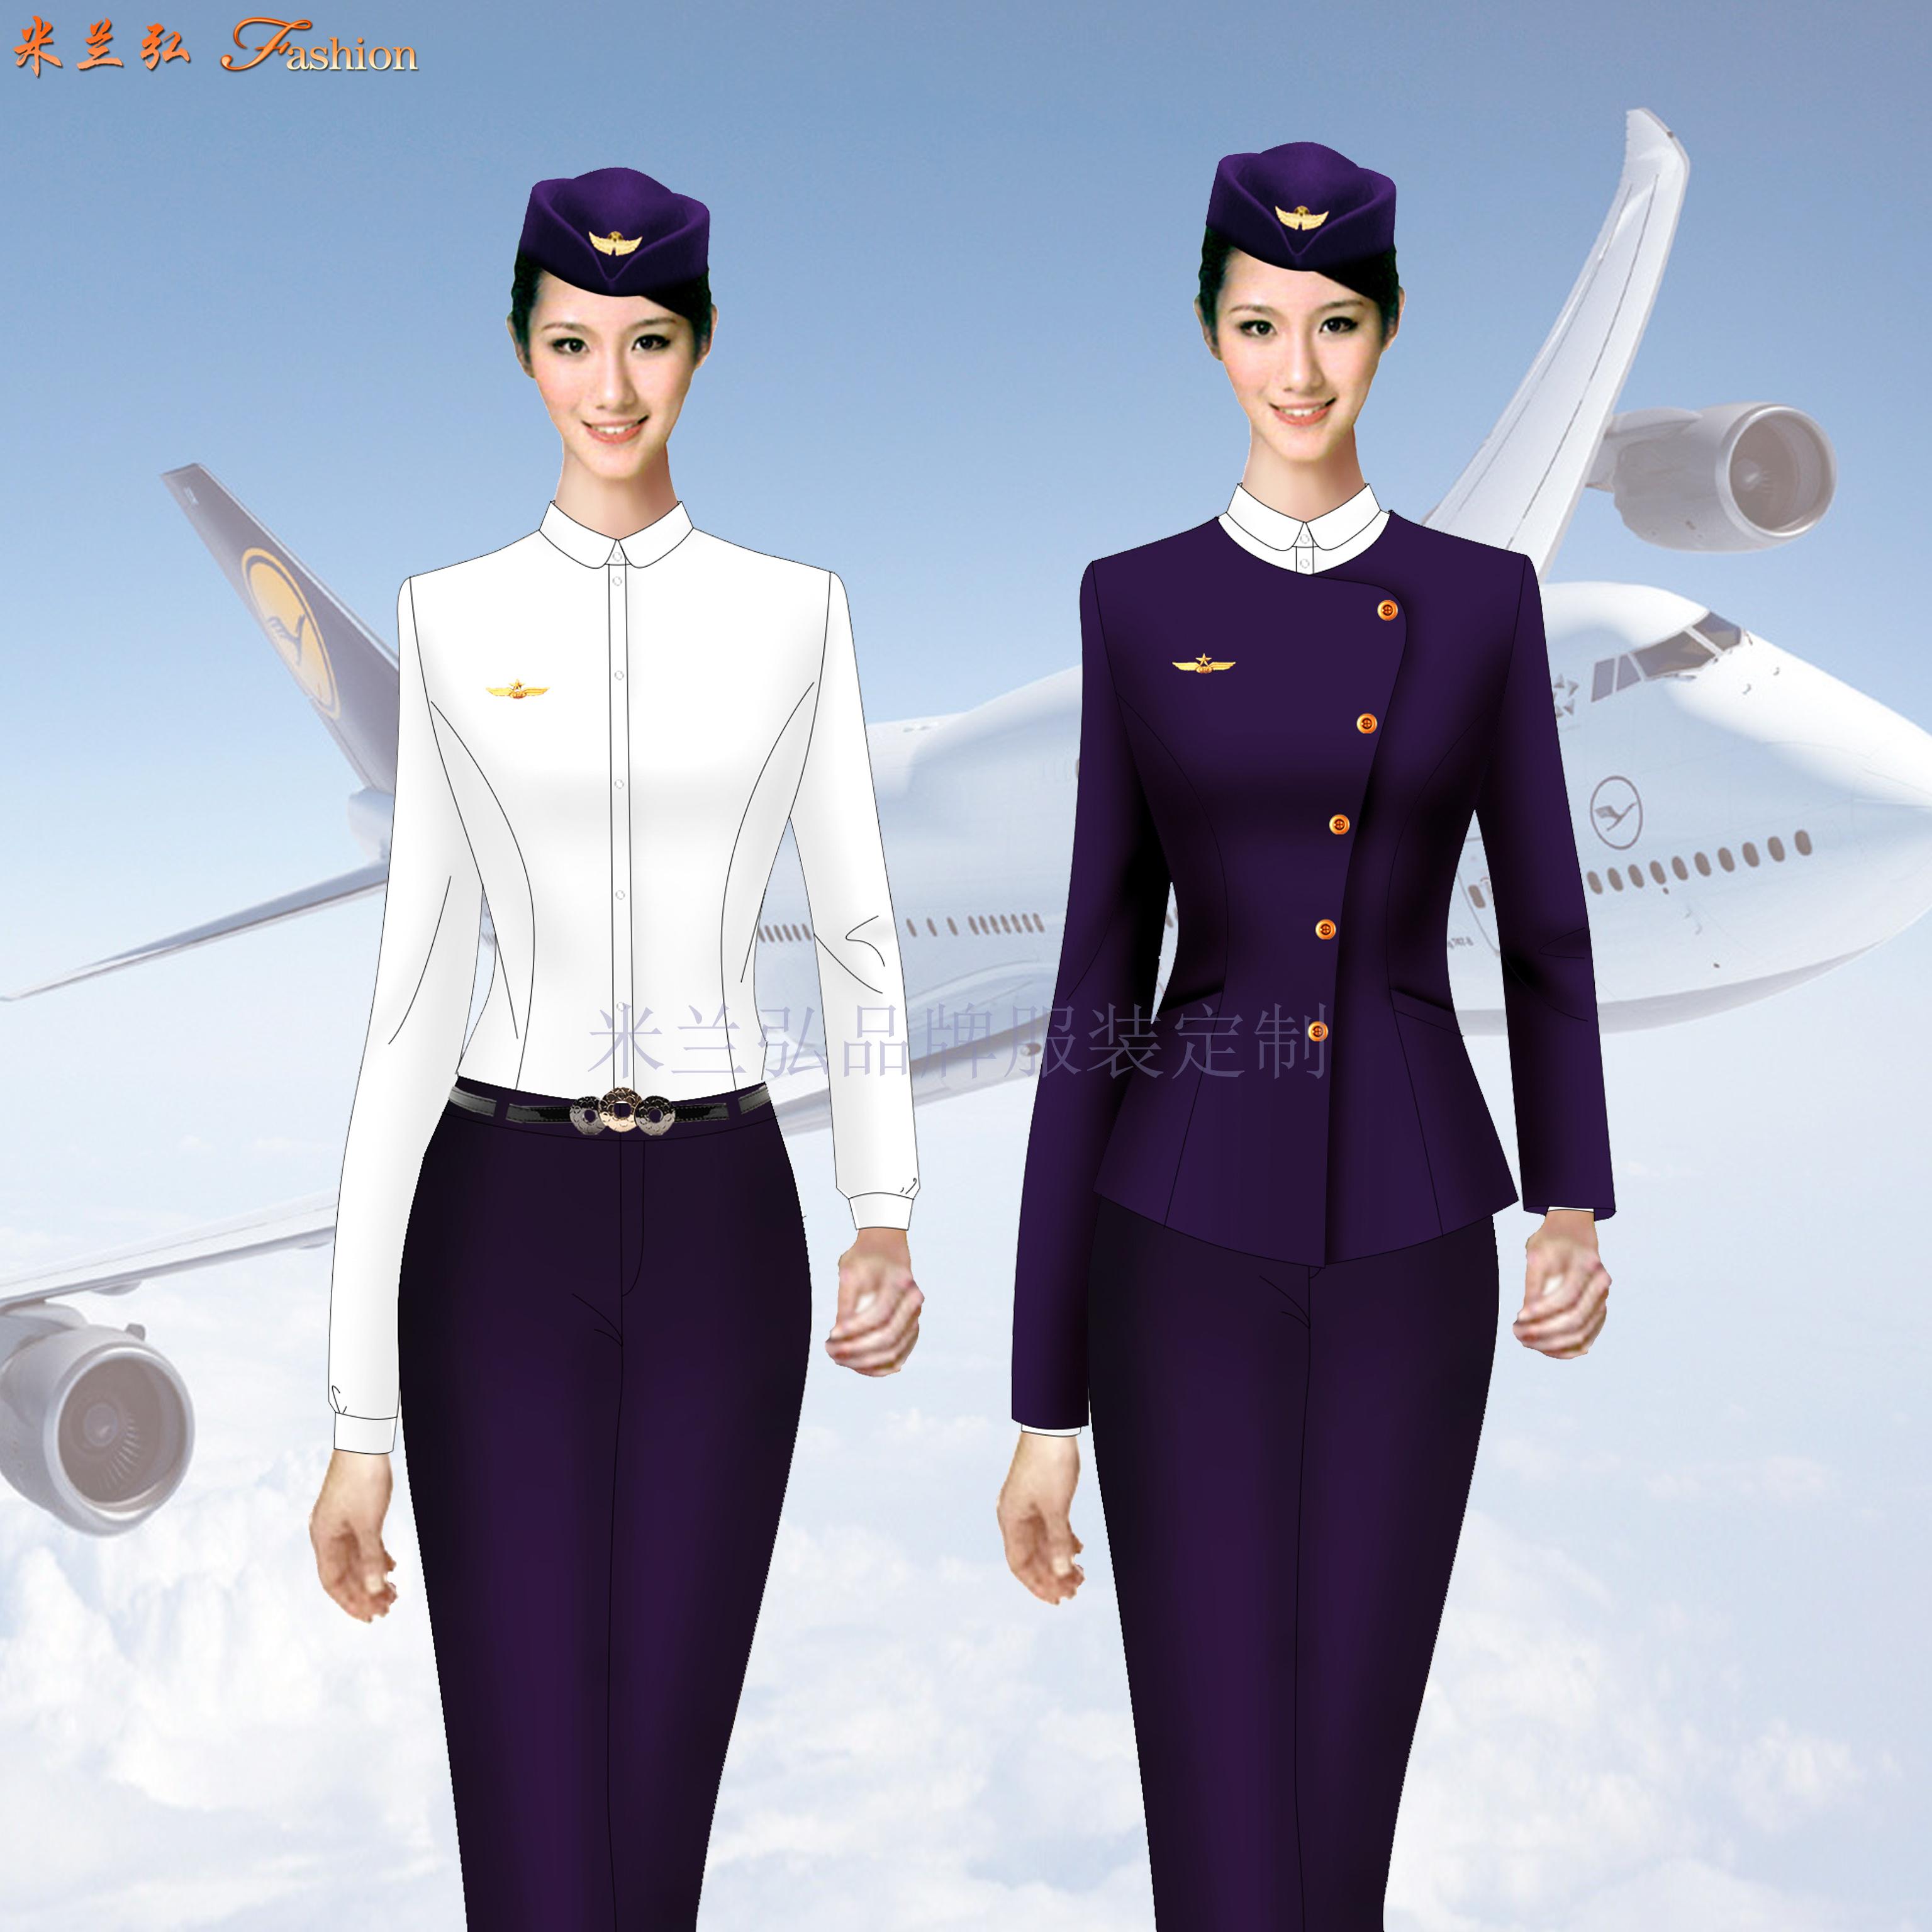 江西機場地勤服裝-機場職業裝定制-米蘭弘服裝-3